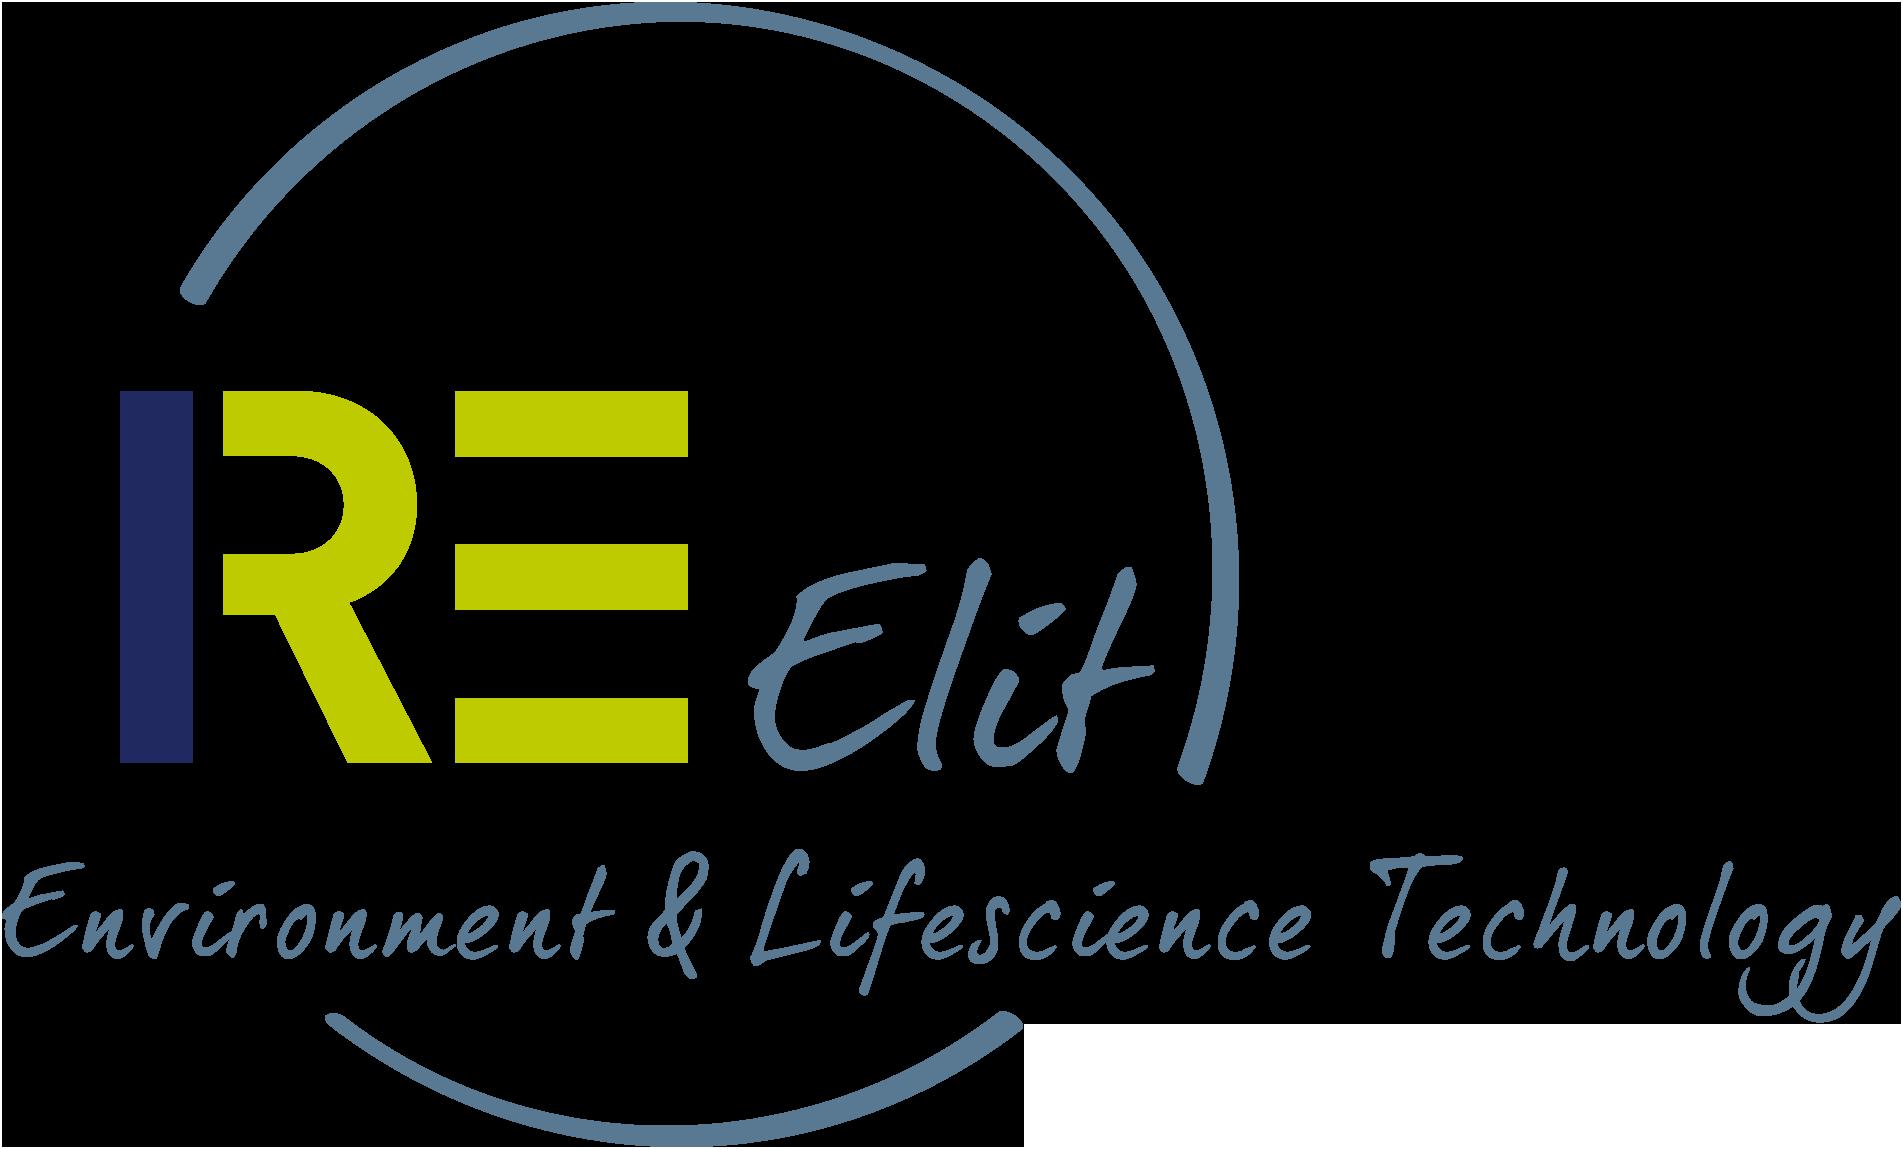 IRE-elit_texte_RGB